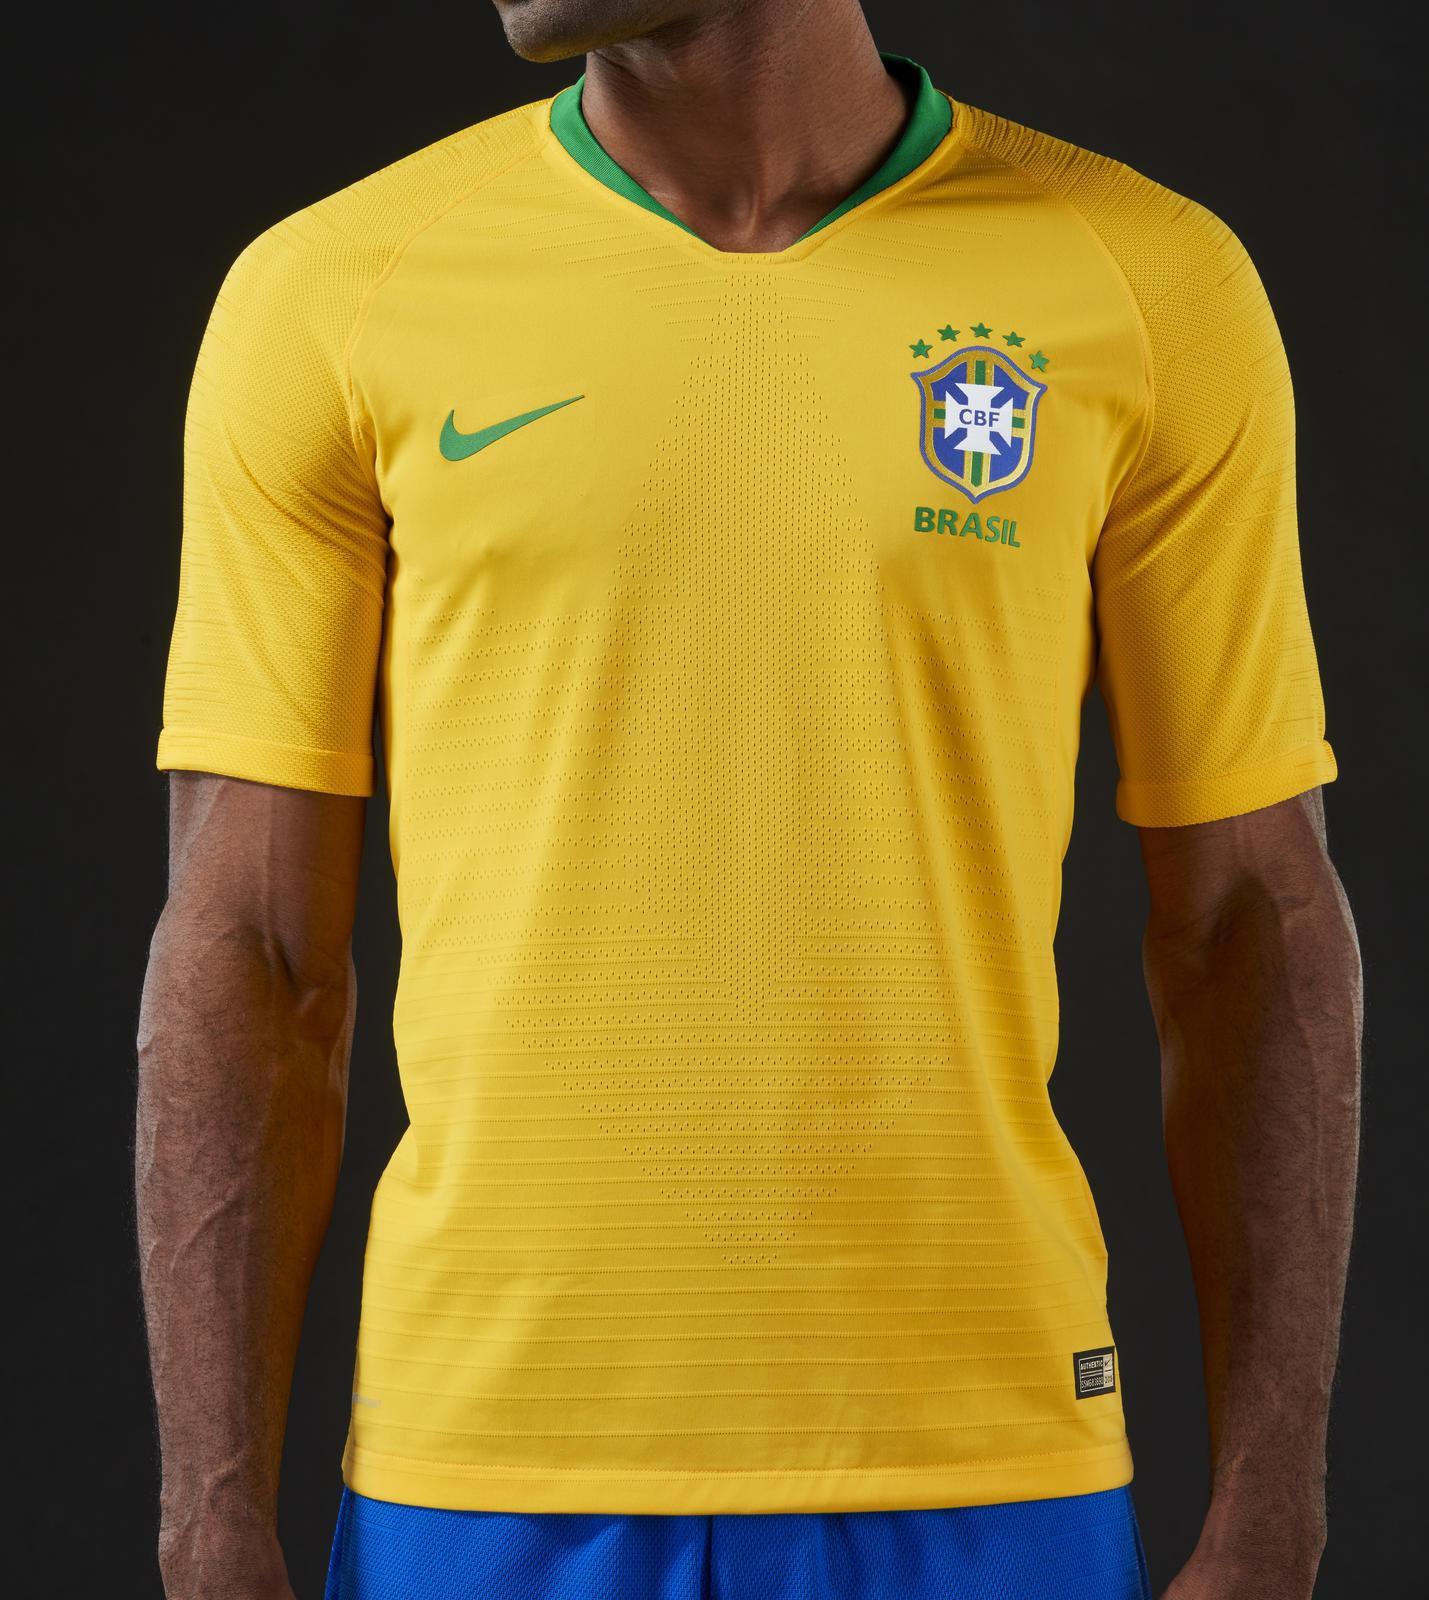 Nike presentó este miércoles las camisetas que vestirá Brasil en el  Campenato del Mundo que se celebrará en Rusia desde el 14 de junio al 15 de  julio de ... 6415b96c79c39